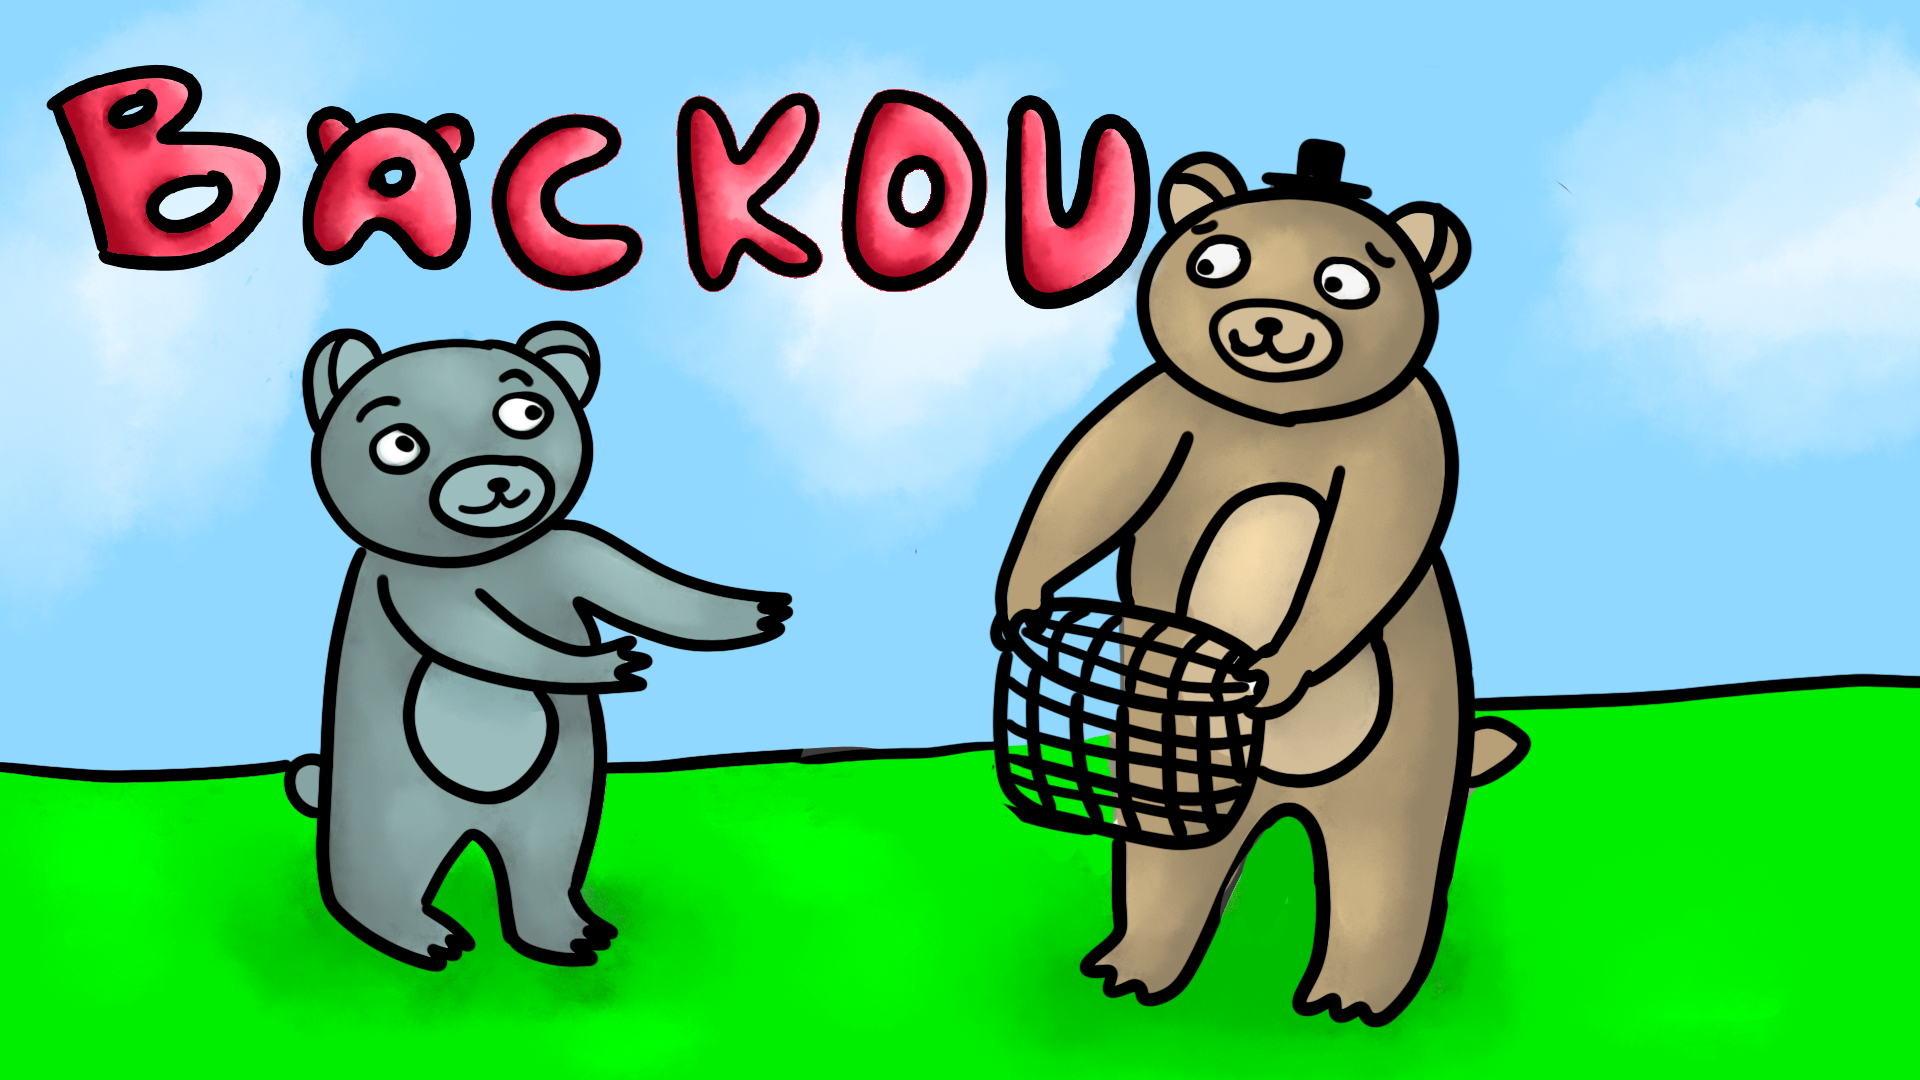 Backou 1